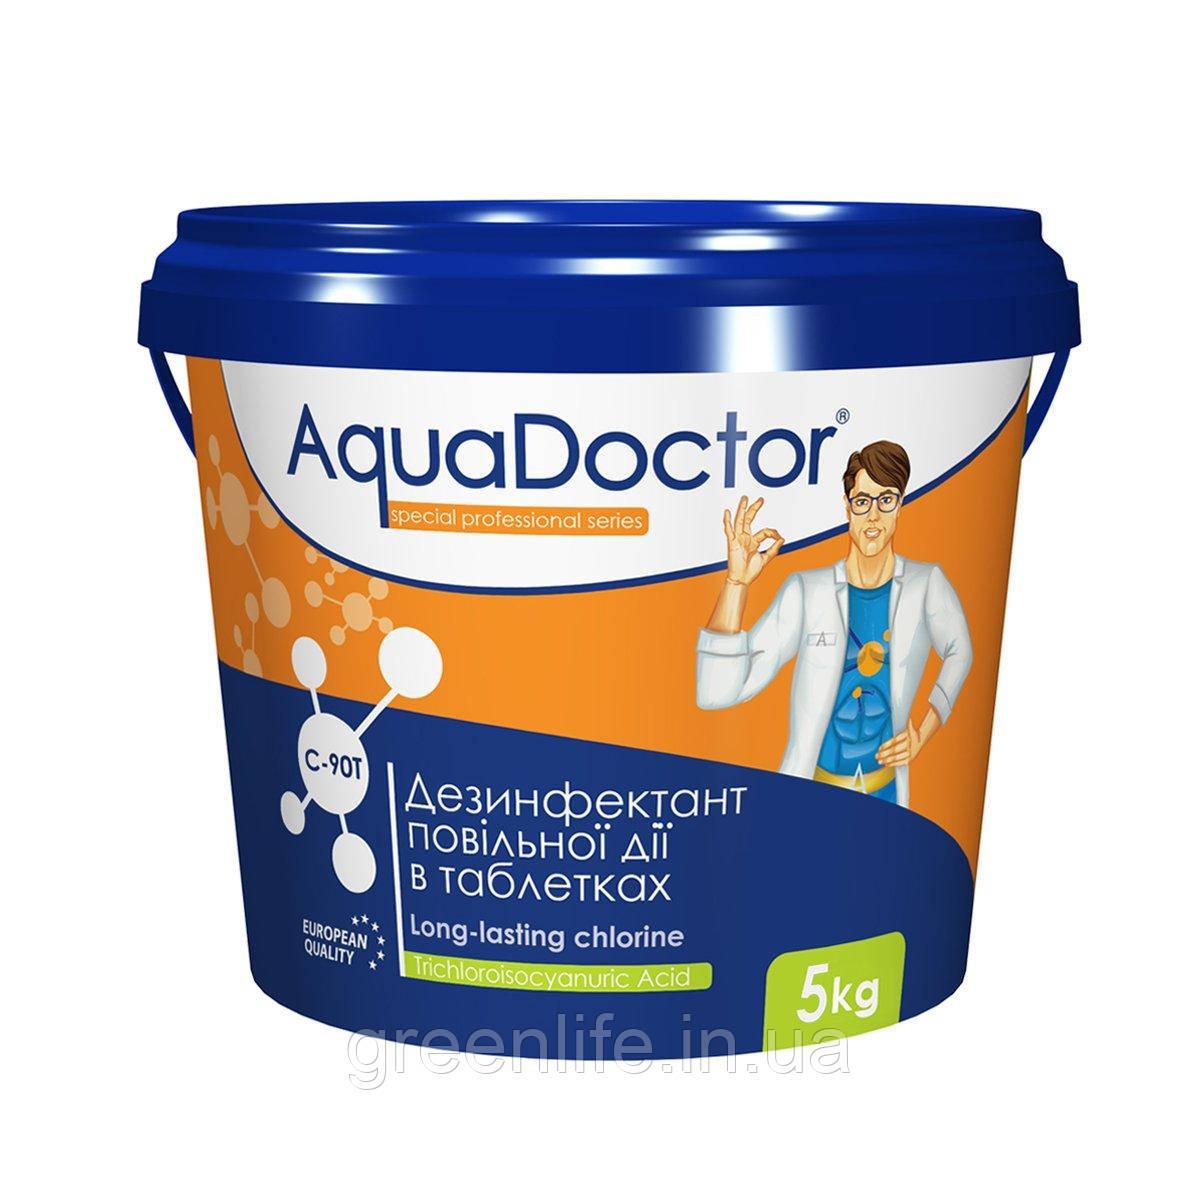 Тривалий хлор в таблетках Aquadoctor C90T (5 кг), Аквадоктор, в таблетках, 5 кг